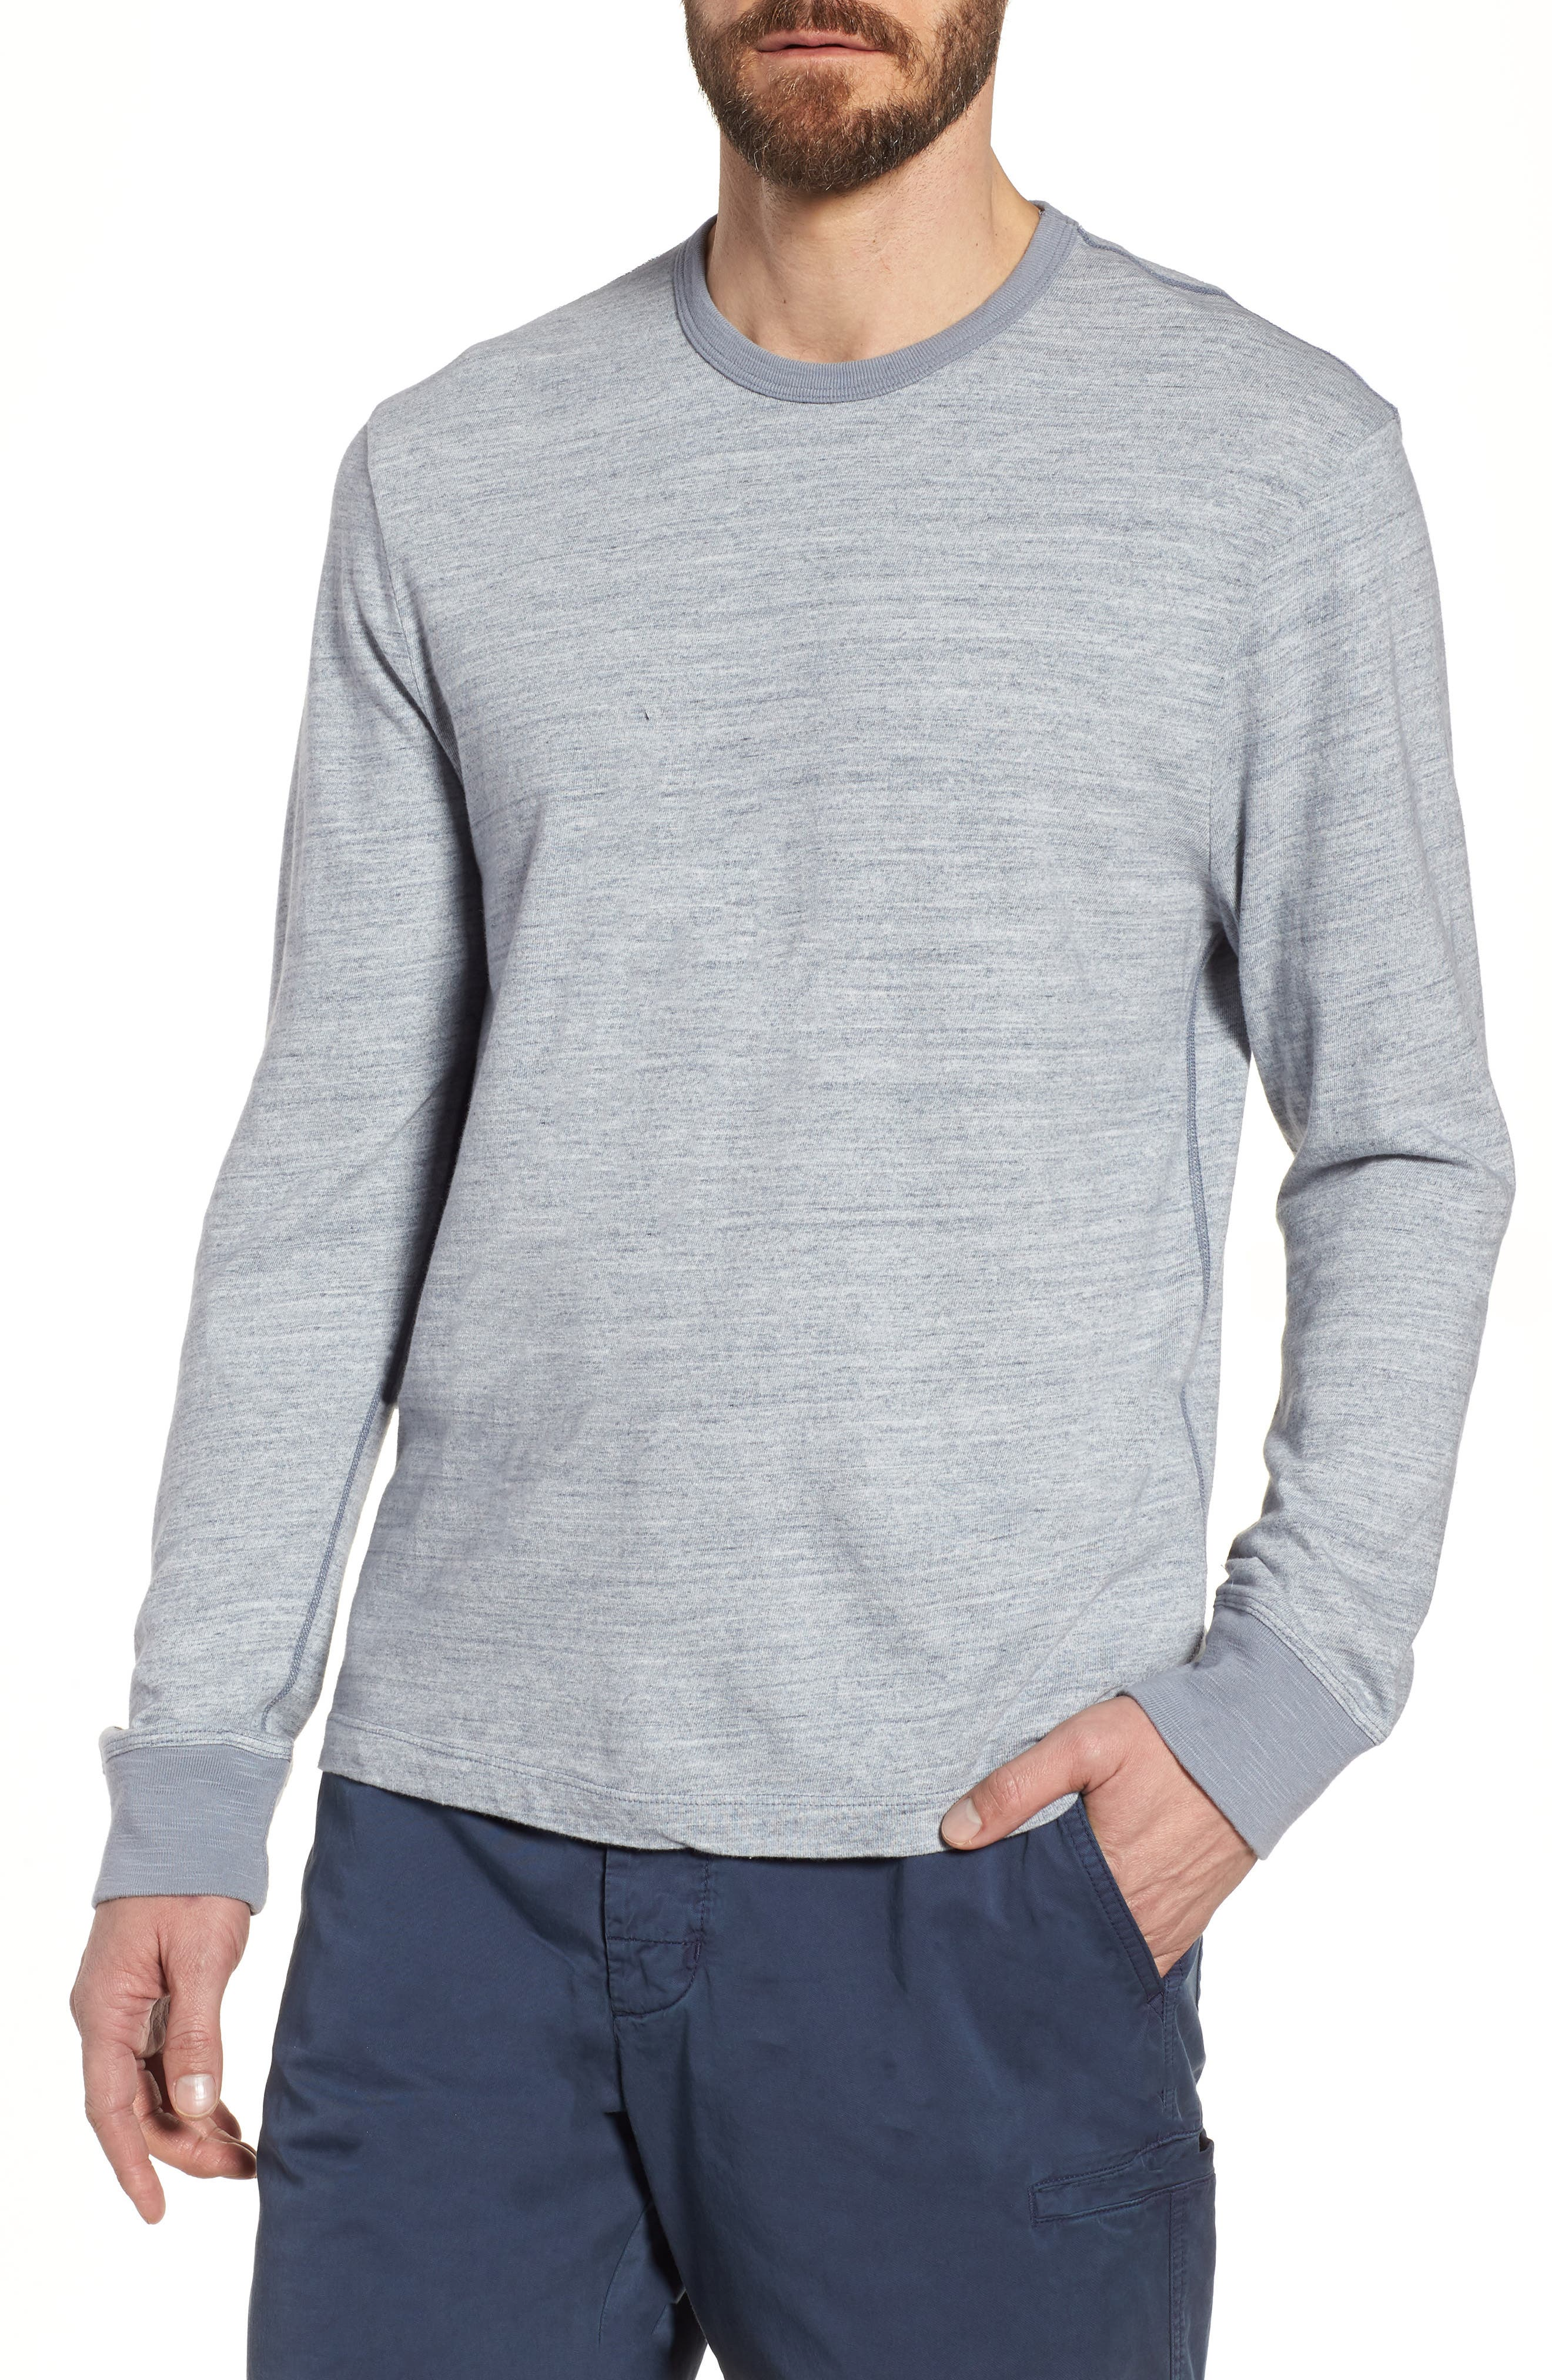 Regular Fit Top Dyed Crewneck T-Shirt,                             Main thumbnail 1, color,                             Grey